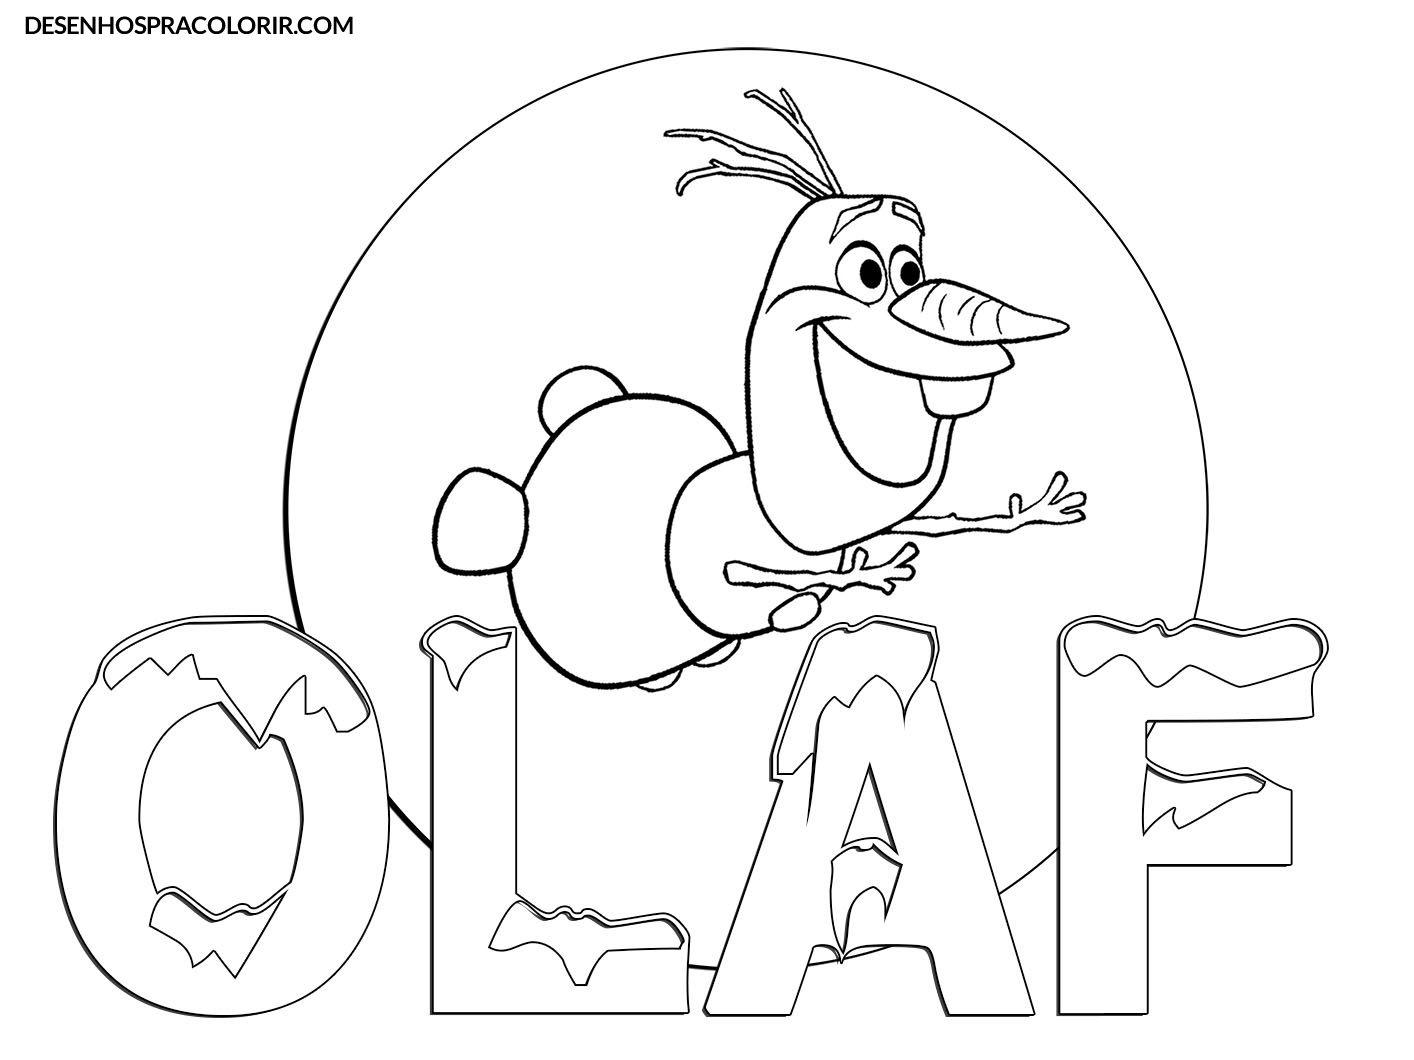 desenhos animados para colorir - Pesquisa Google | DESENHOS DE ...